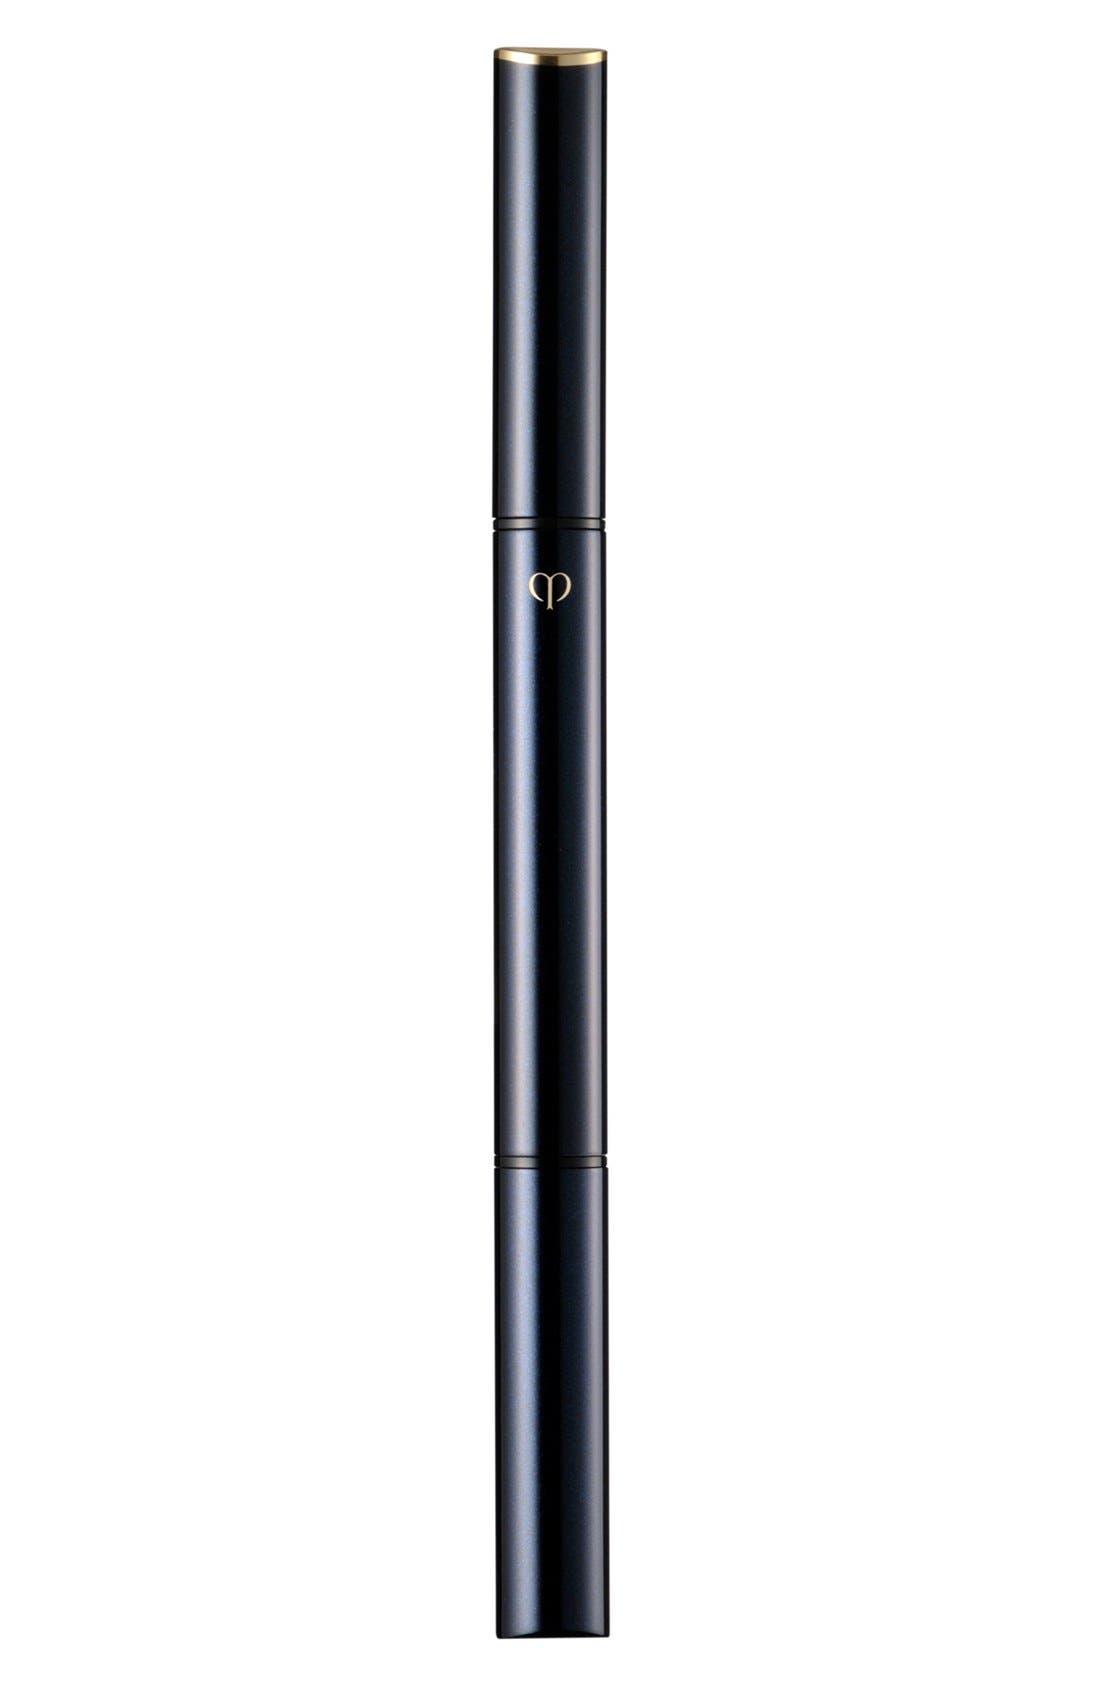 Lip Liner Pencil Holder